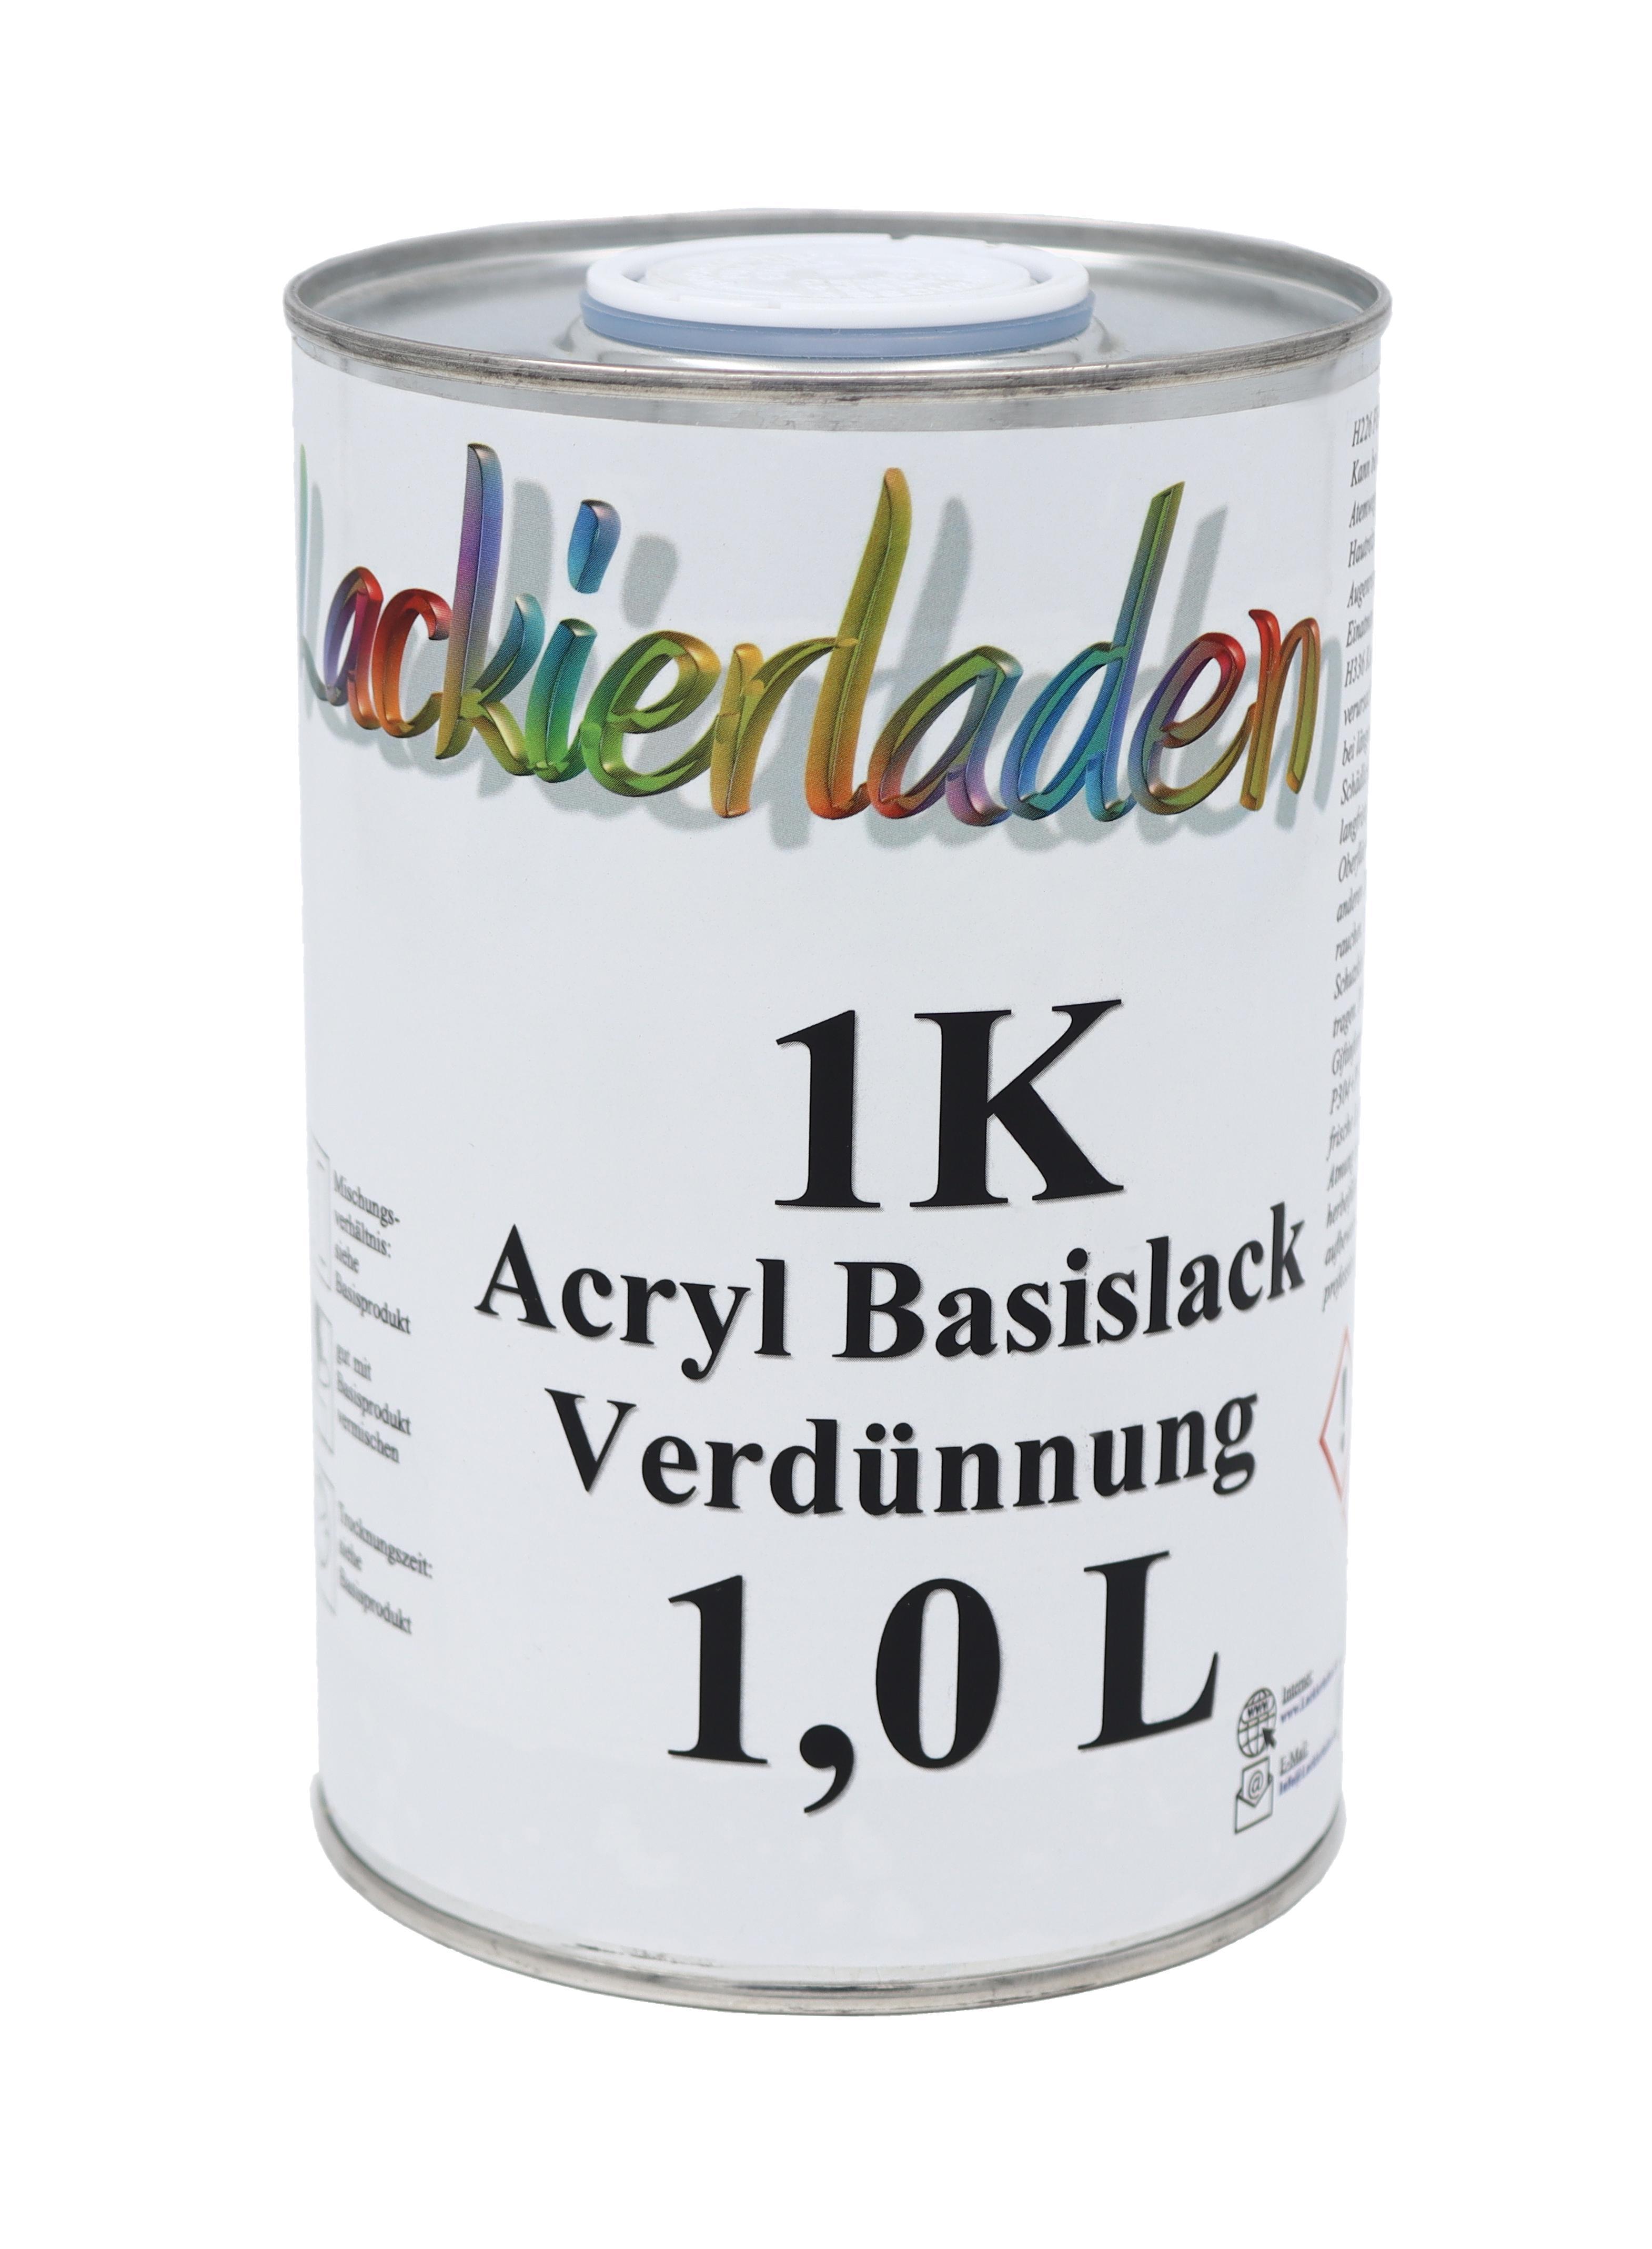 1K Acryl Basislack Verdünnung 1 L